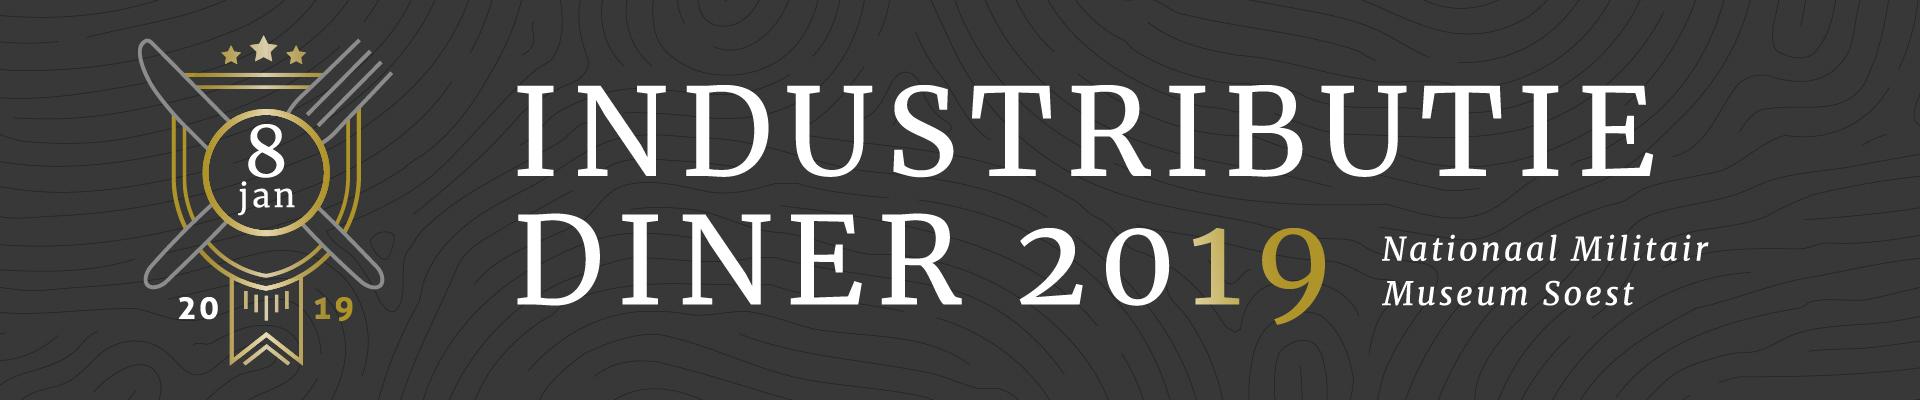 Industributie diner 2019